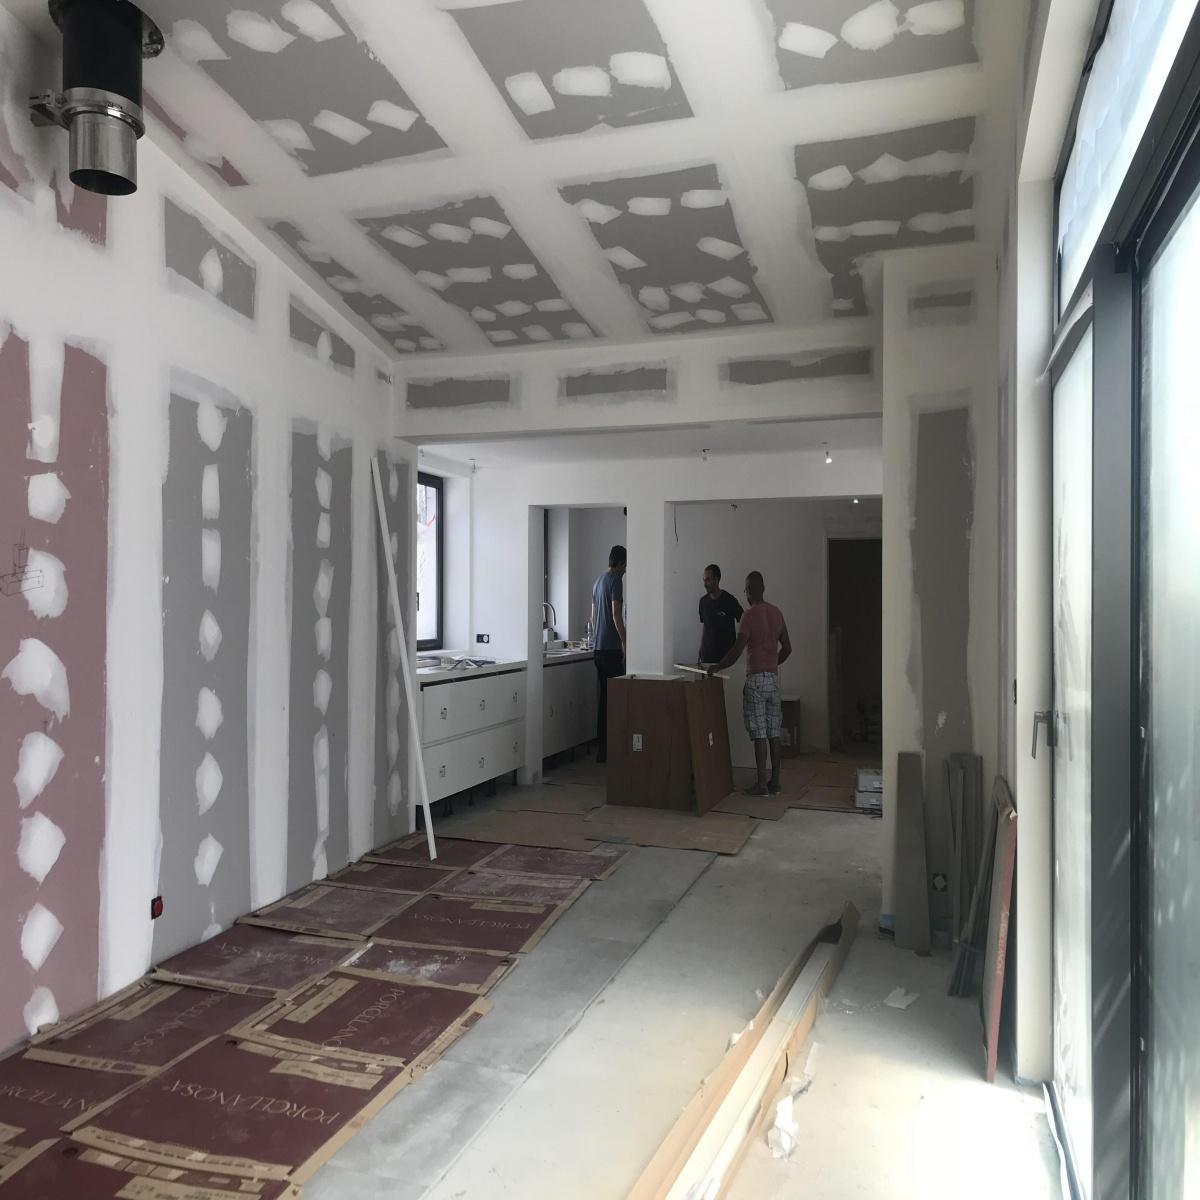 Maison D : IMG_9572.JPG